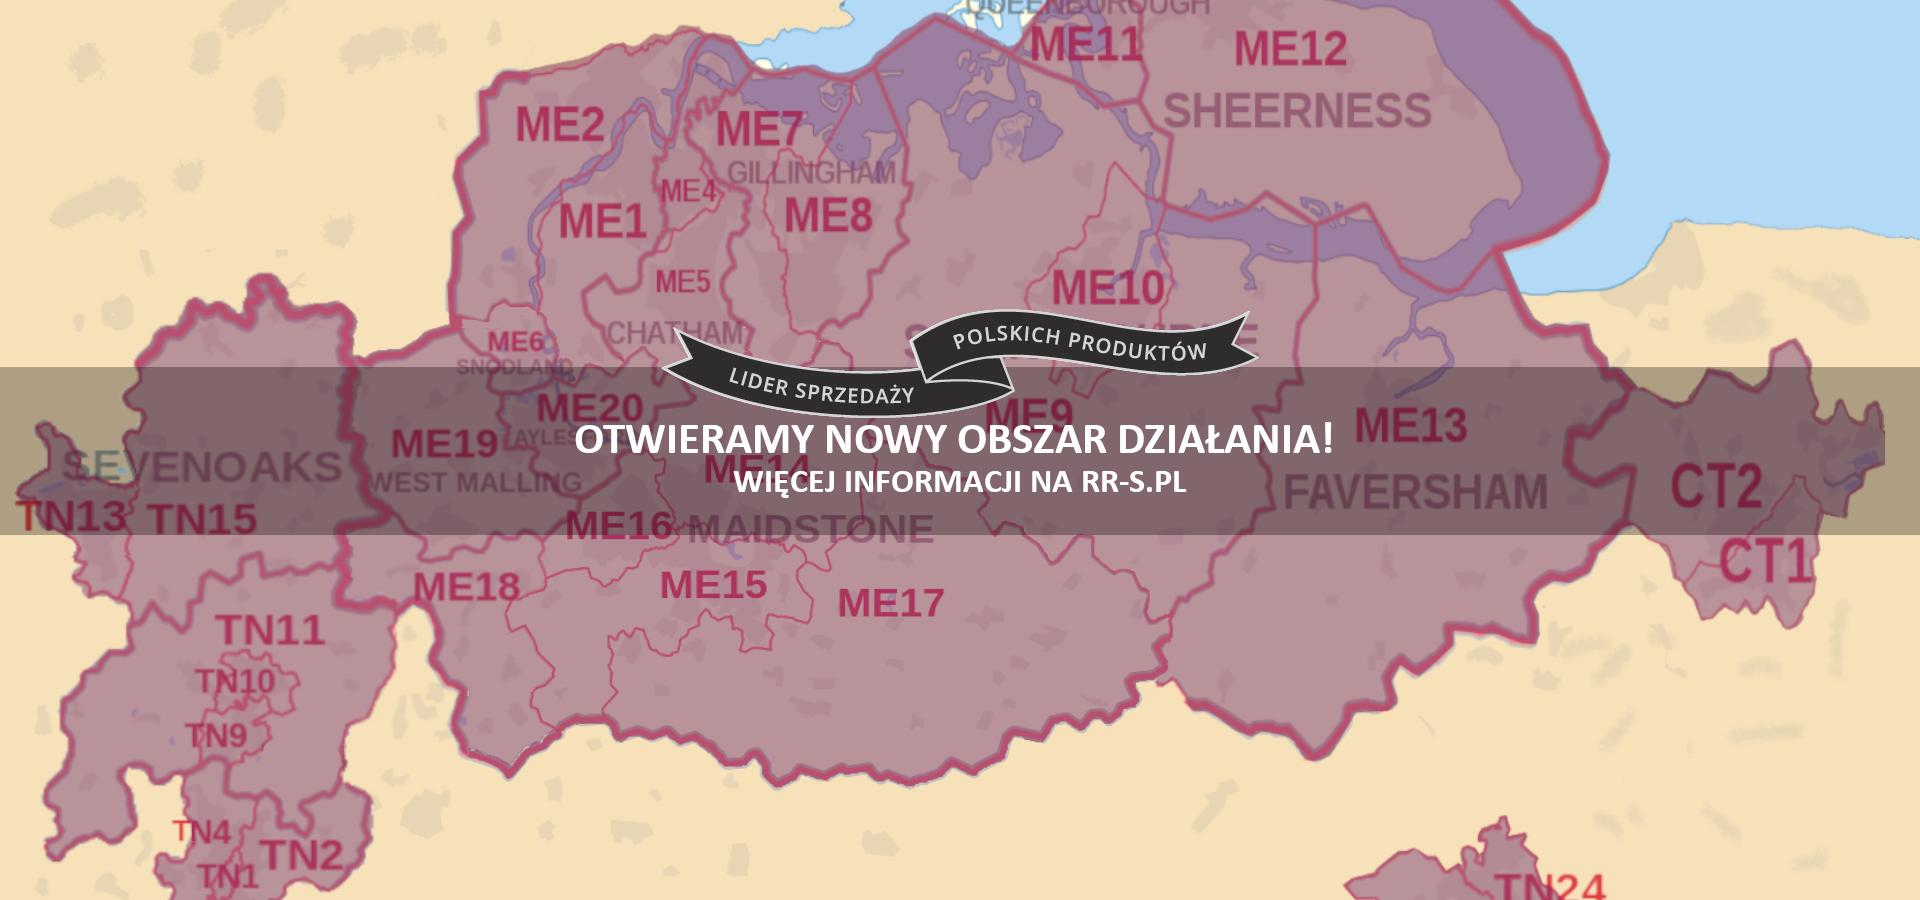 Otwieramy nowy obszar działania, więcej informacji na rr-s.pl